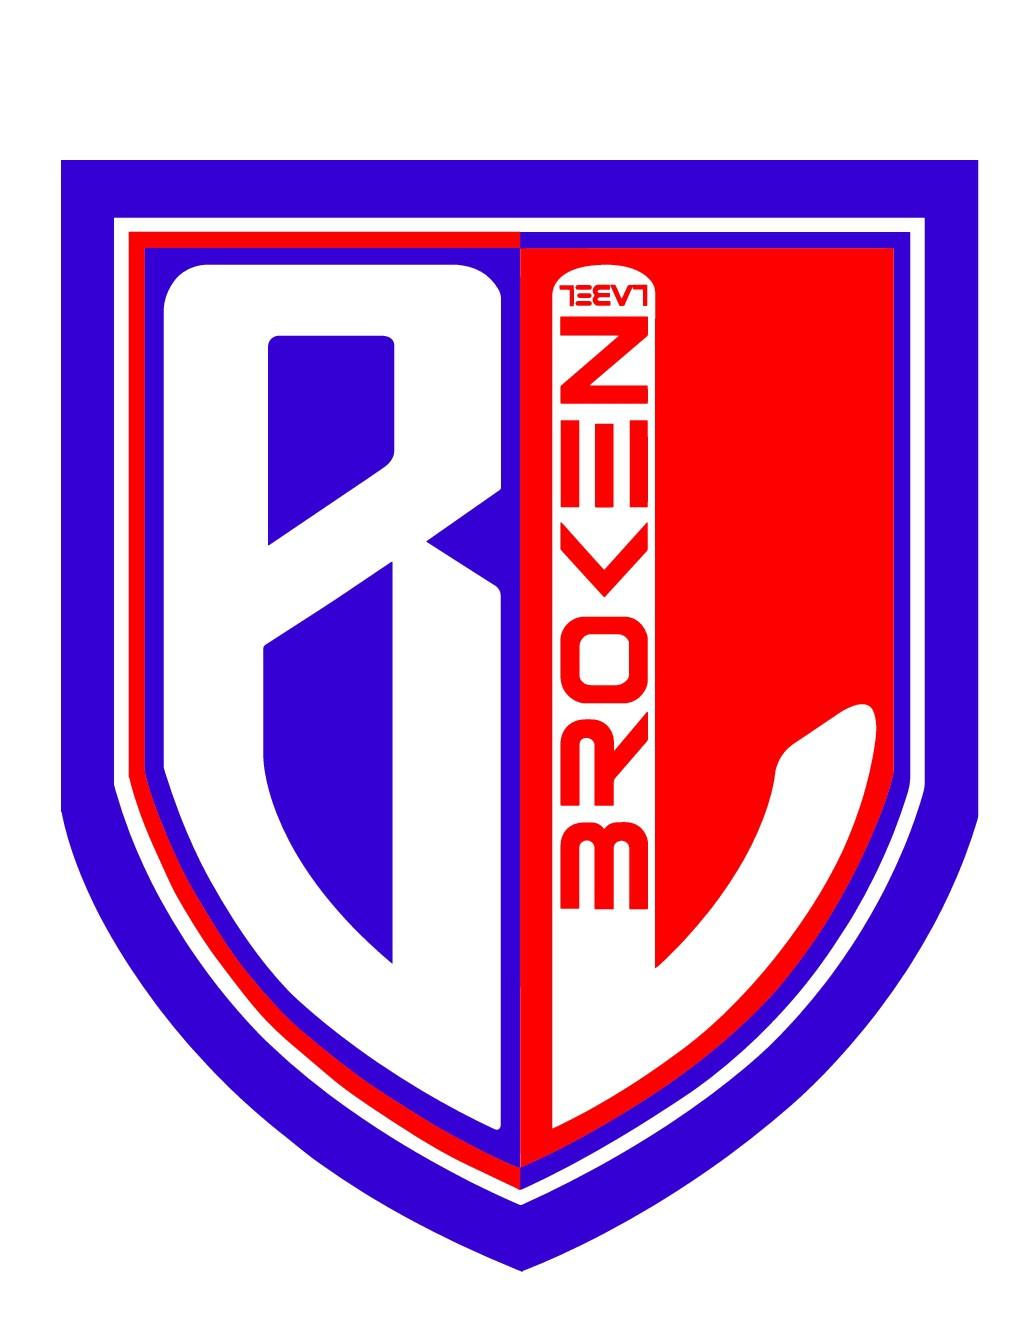 Neues Mode Label braucht ein sportliches Design. New fashion label needs a sporty Design.